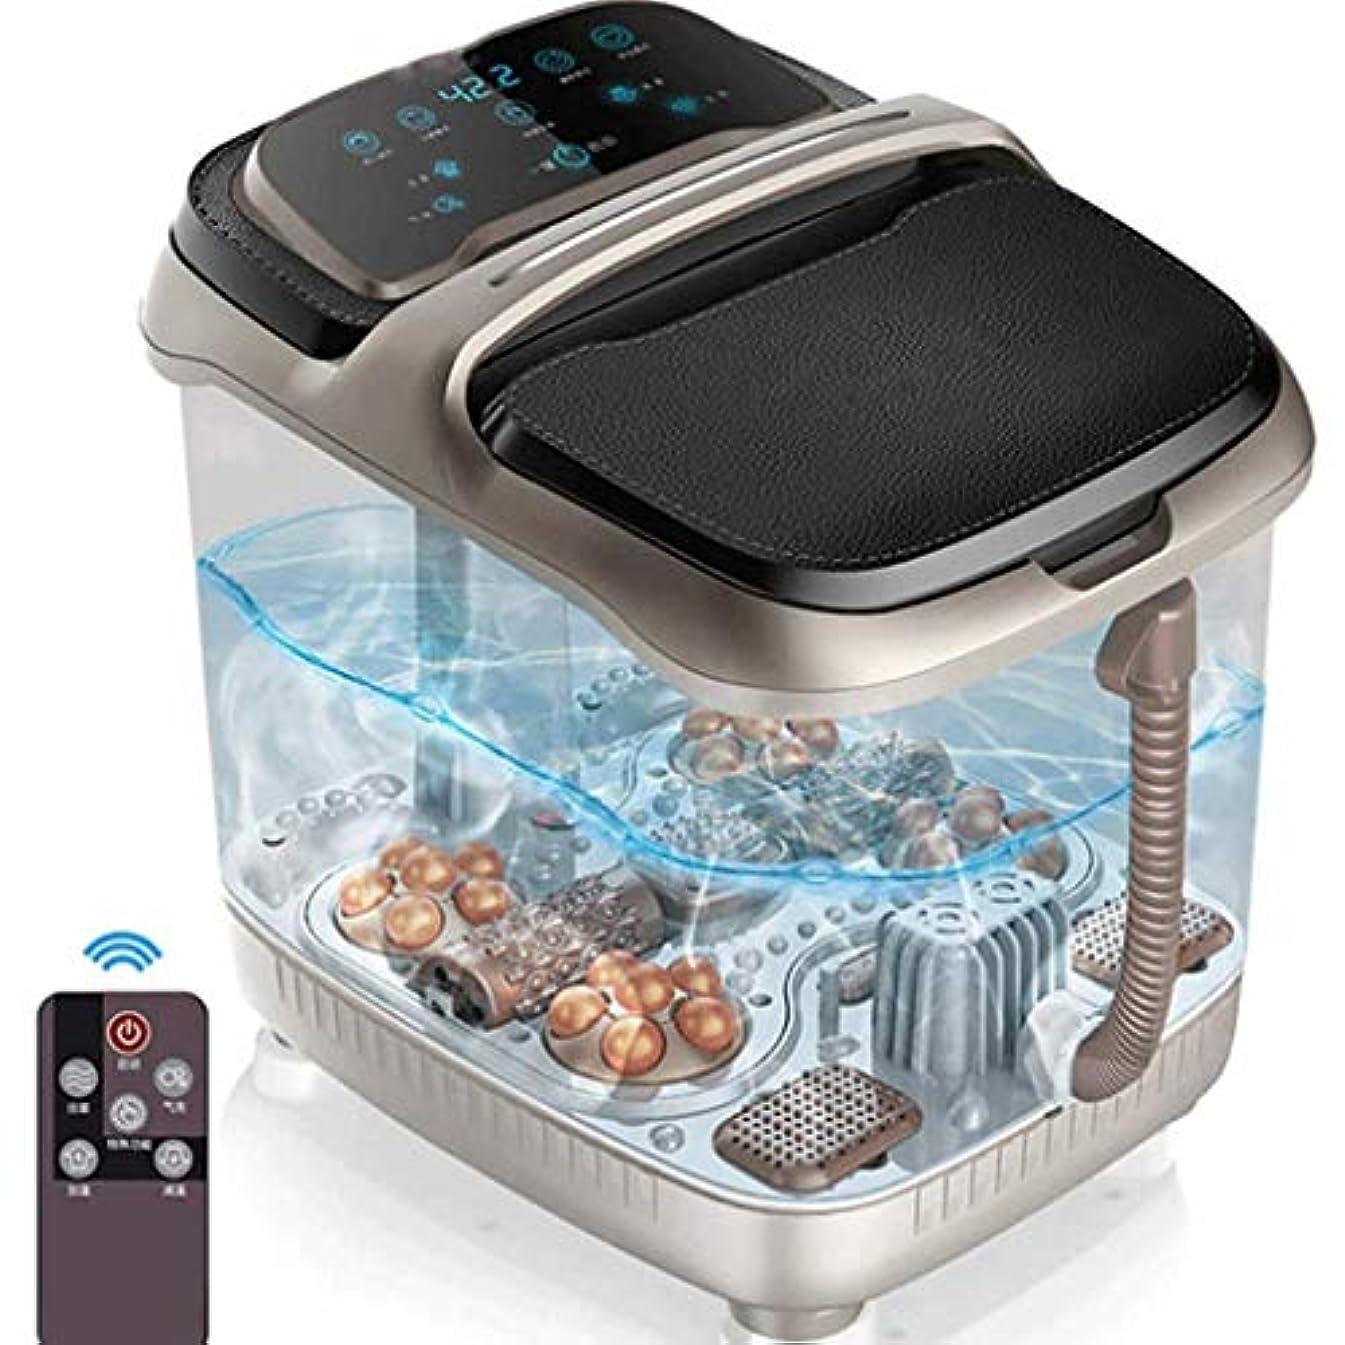 ホバーすべて弾丸LEIGE Foot Spa Massager - スーパーファストヒーティングシステム、4つの電動マッサージローラー、ささやく静かな、リモートコントロール付き浴槽